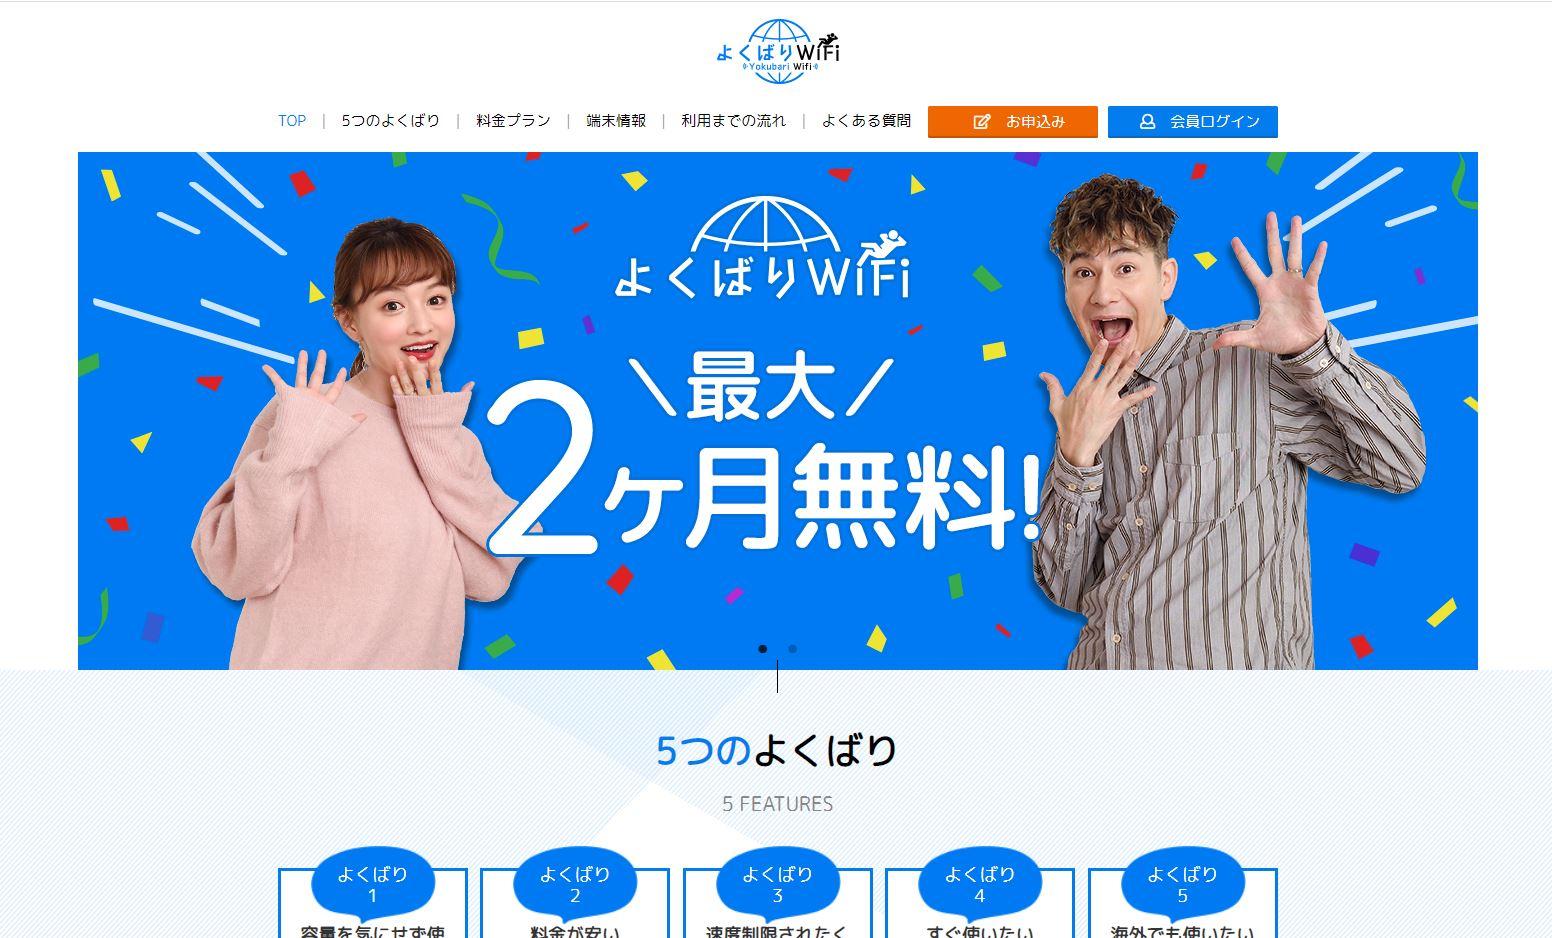 よくばり Wi-Fi